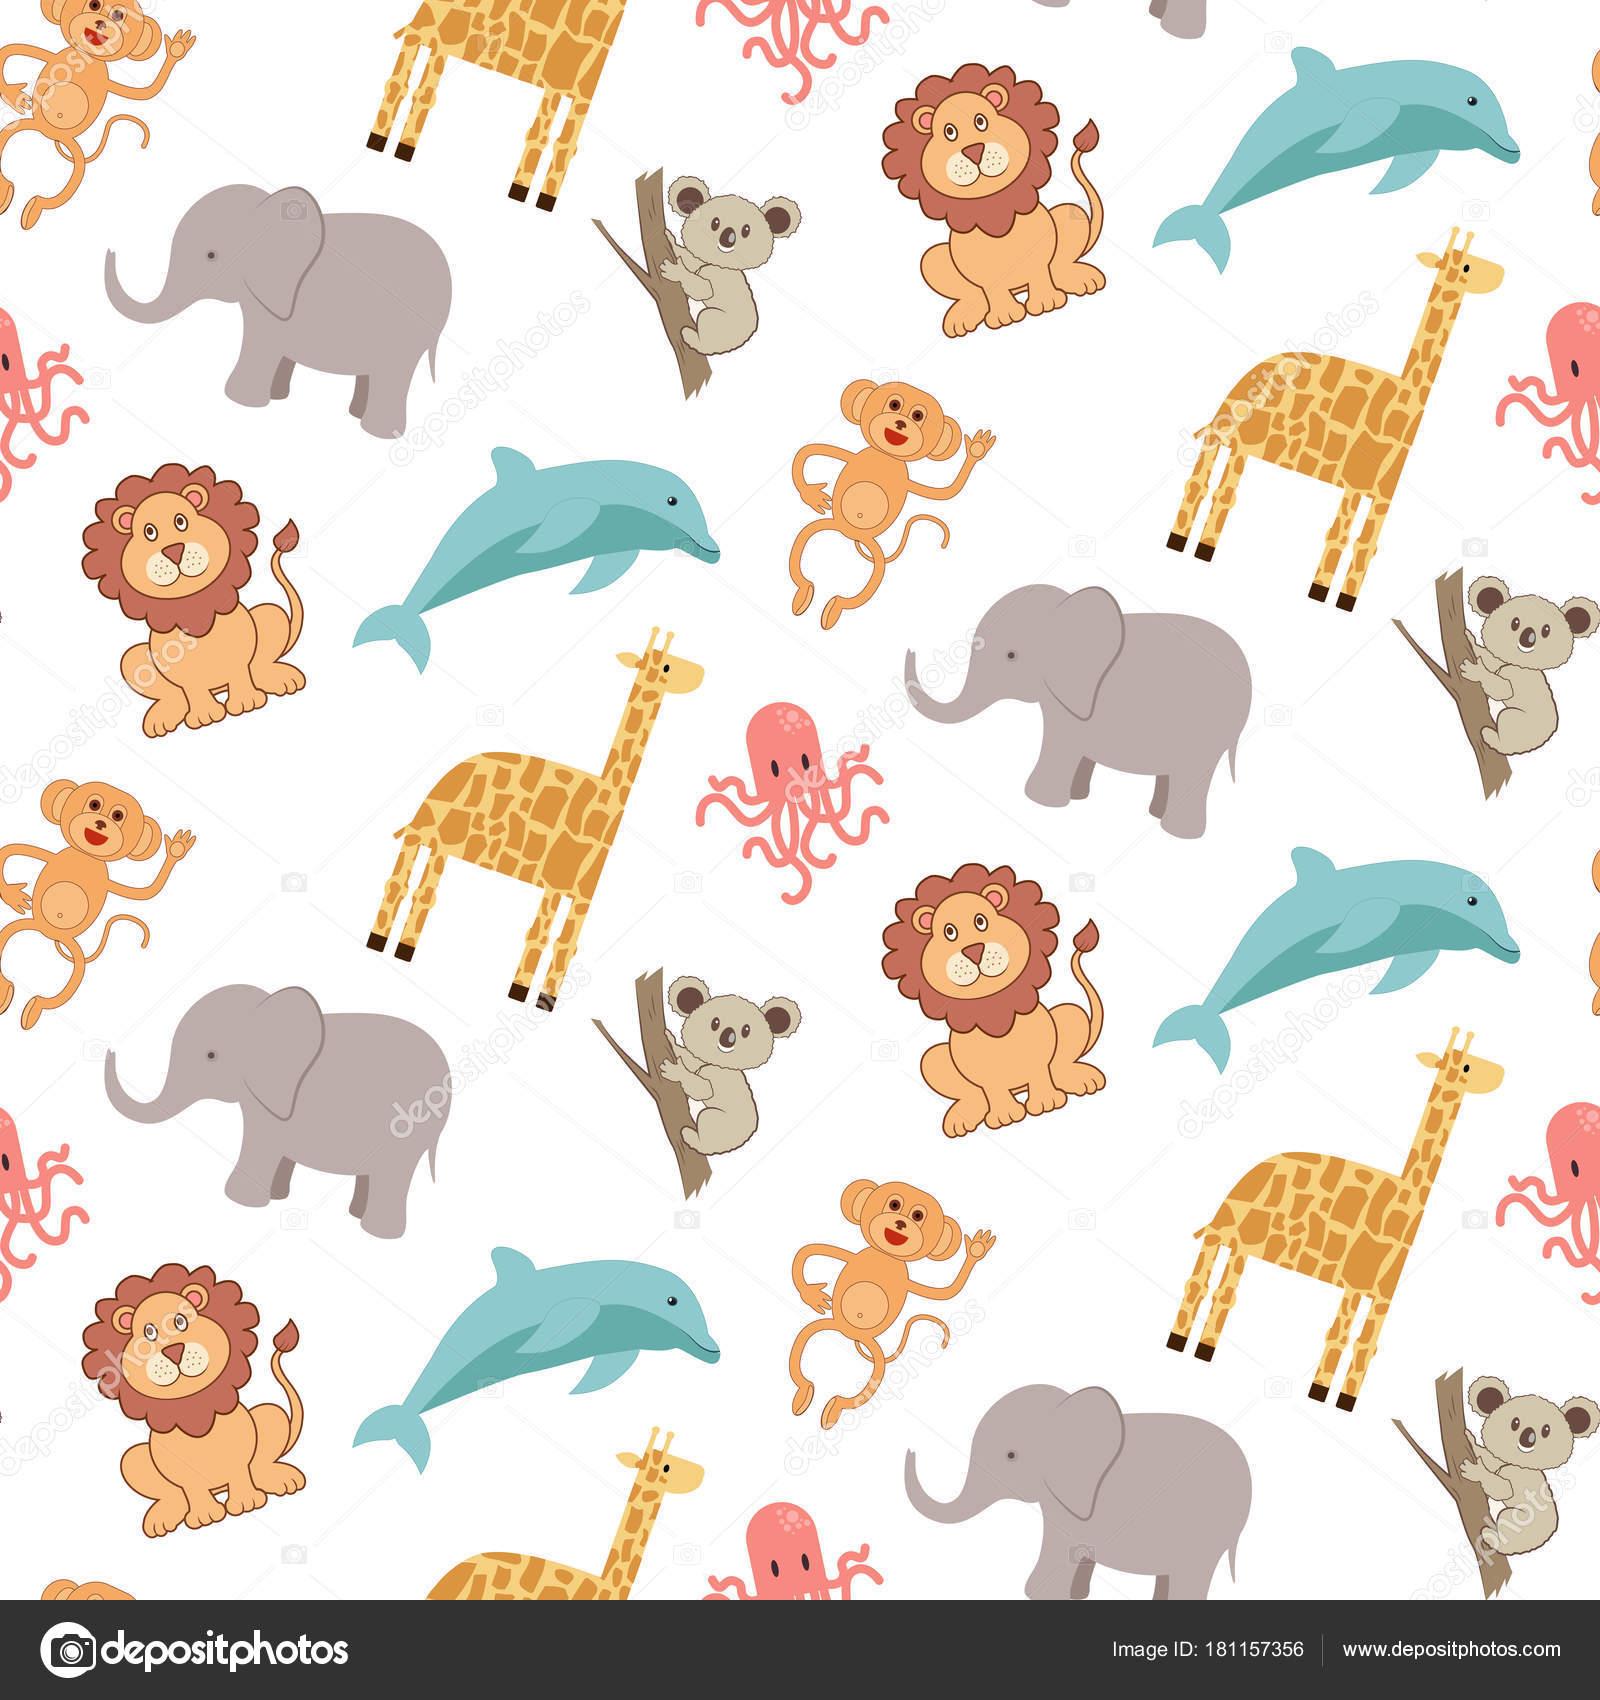 Moldes de animales de la selva bebes | Lindo de patrones sin fisuras ...